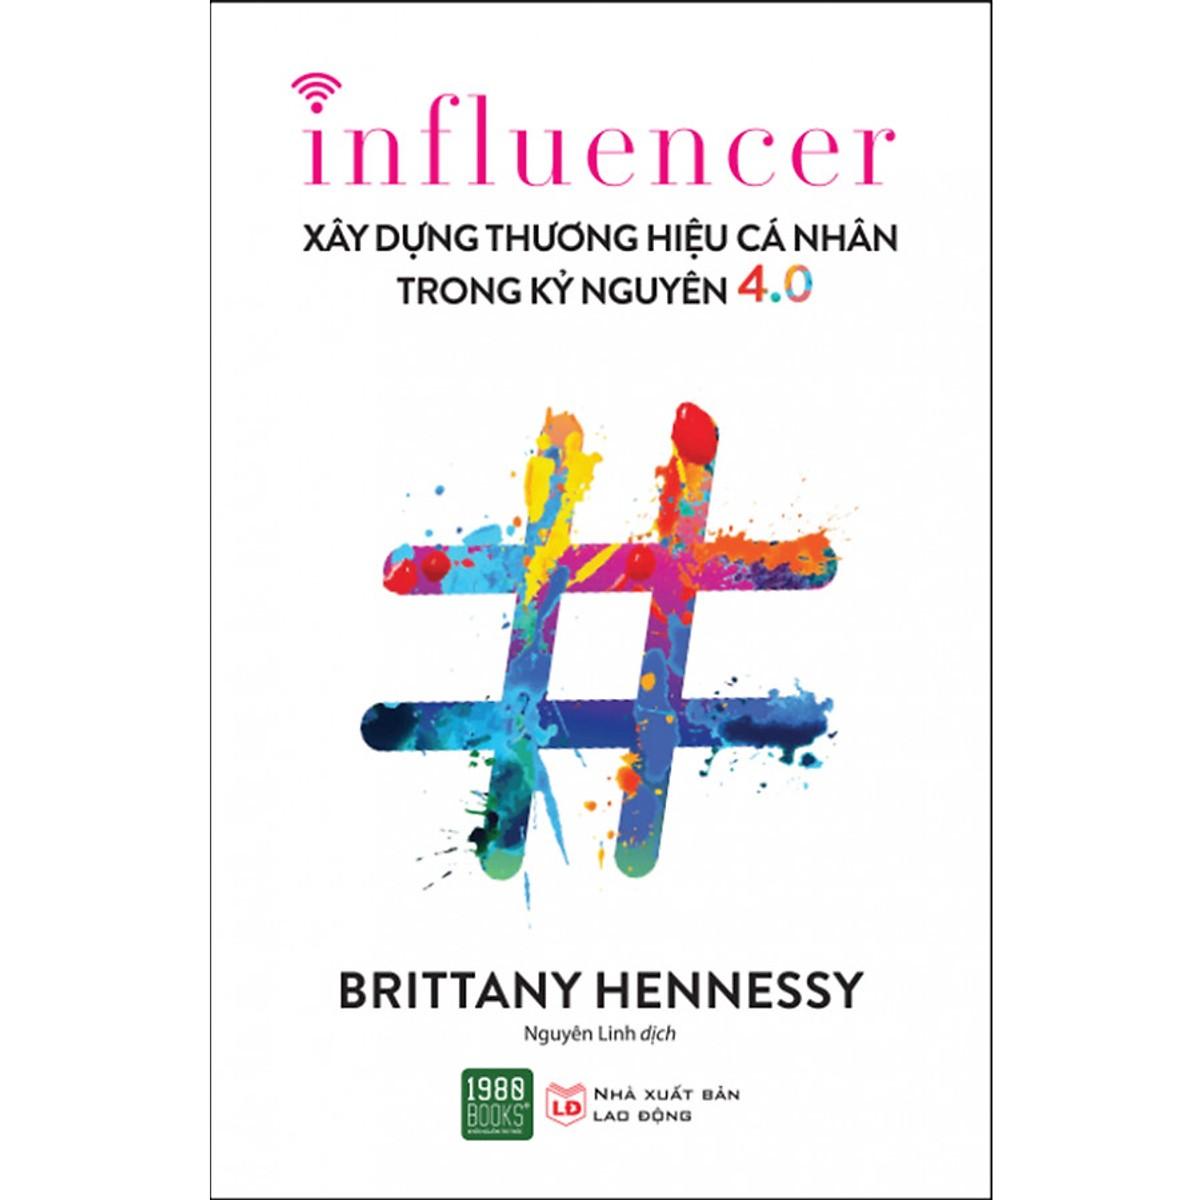 Combo 3 Cuốn Sách:  Nghệ Thuật PR Bản Thân + Định Vị Thương Hiệu Trong Thời Đại 4.0 + Xây Dựng Thương Hiệu Cá Nhân Trong Kỷ Nguyên 4.0